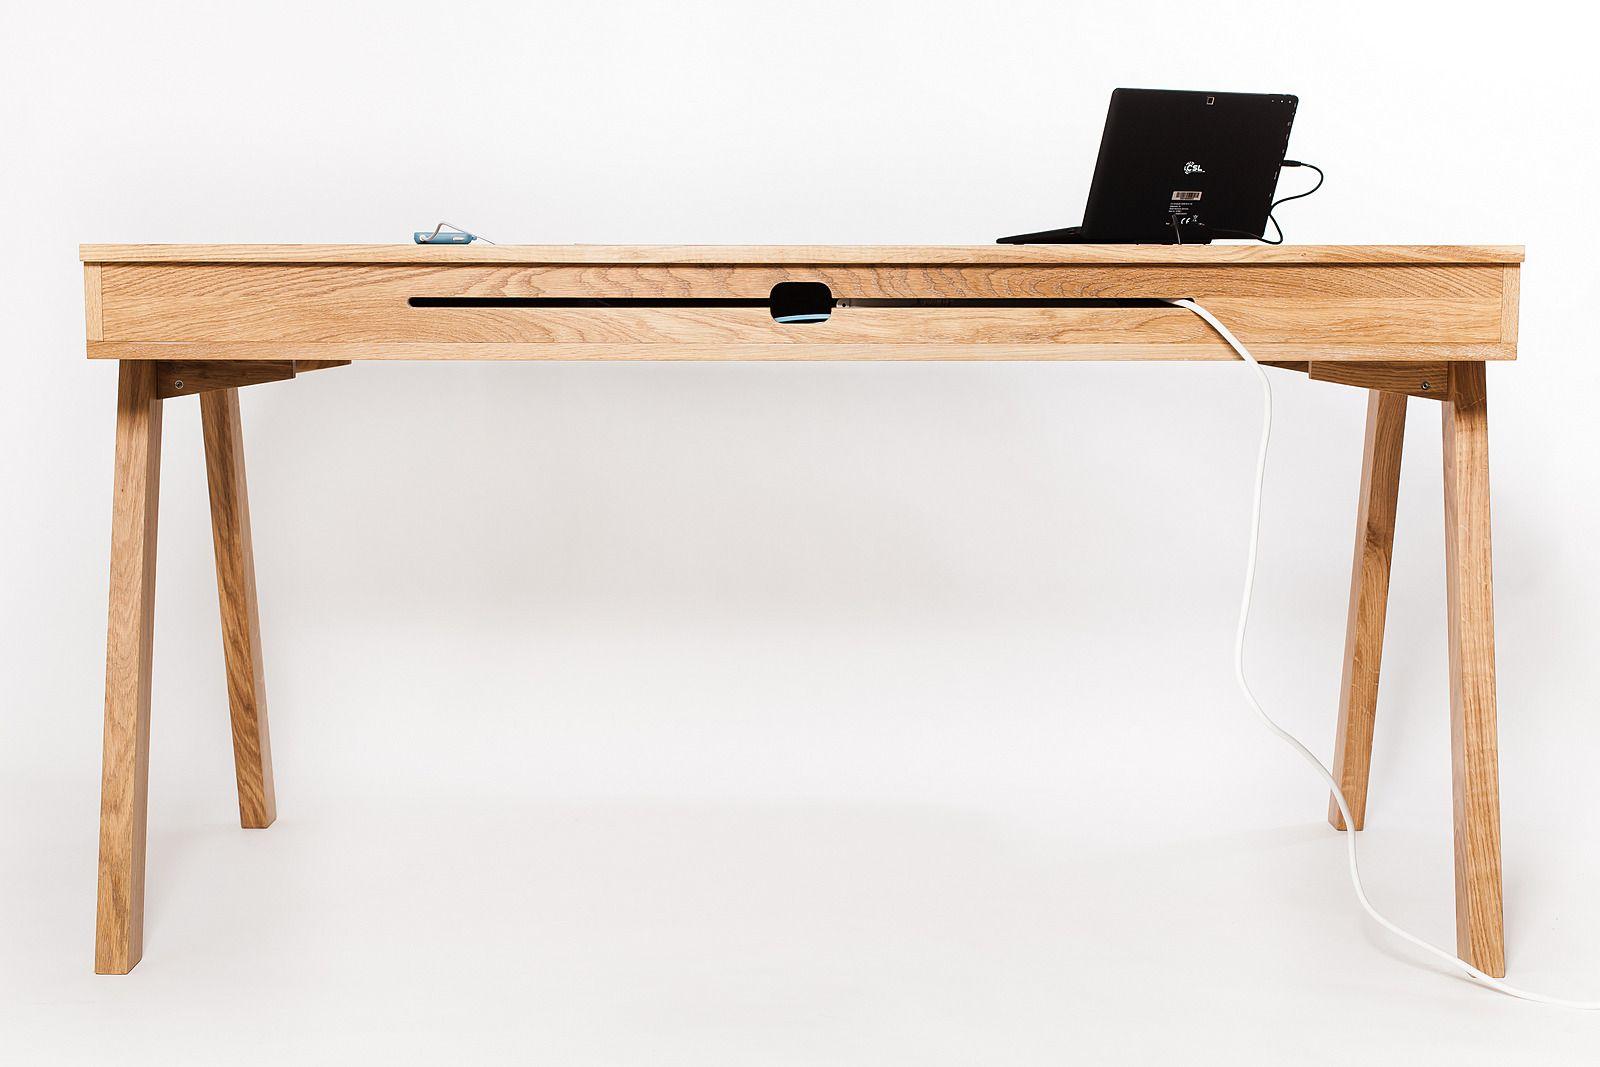 Schreibtisch Massiv Eiche Nussbaum Handgearbeitet Design